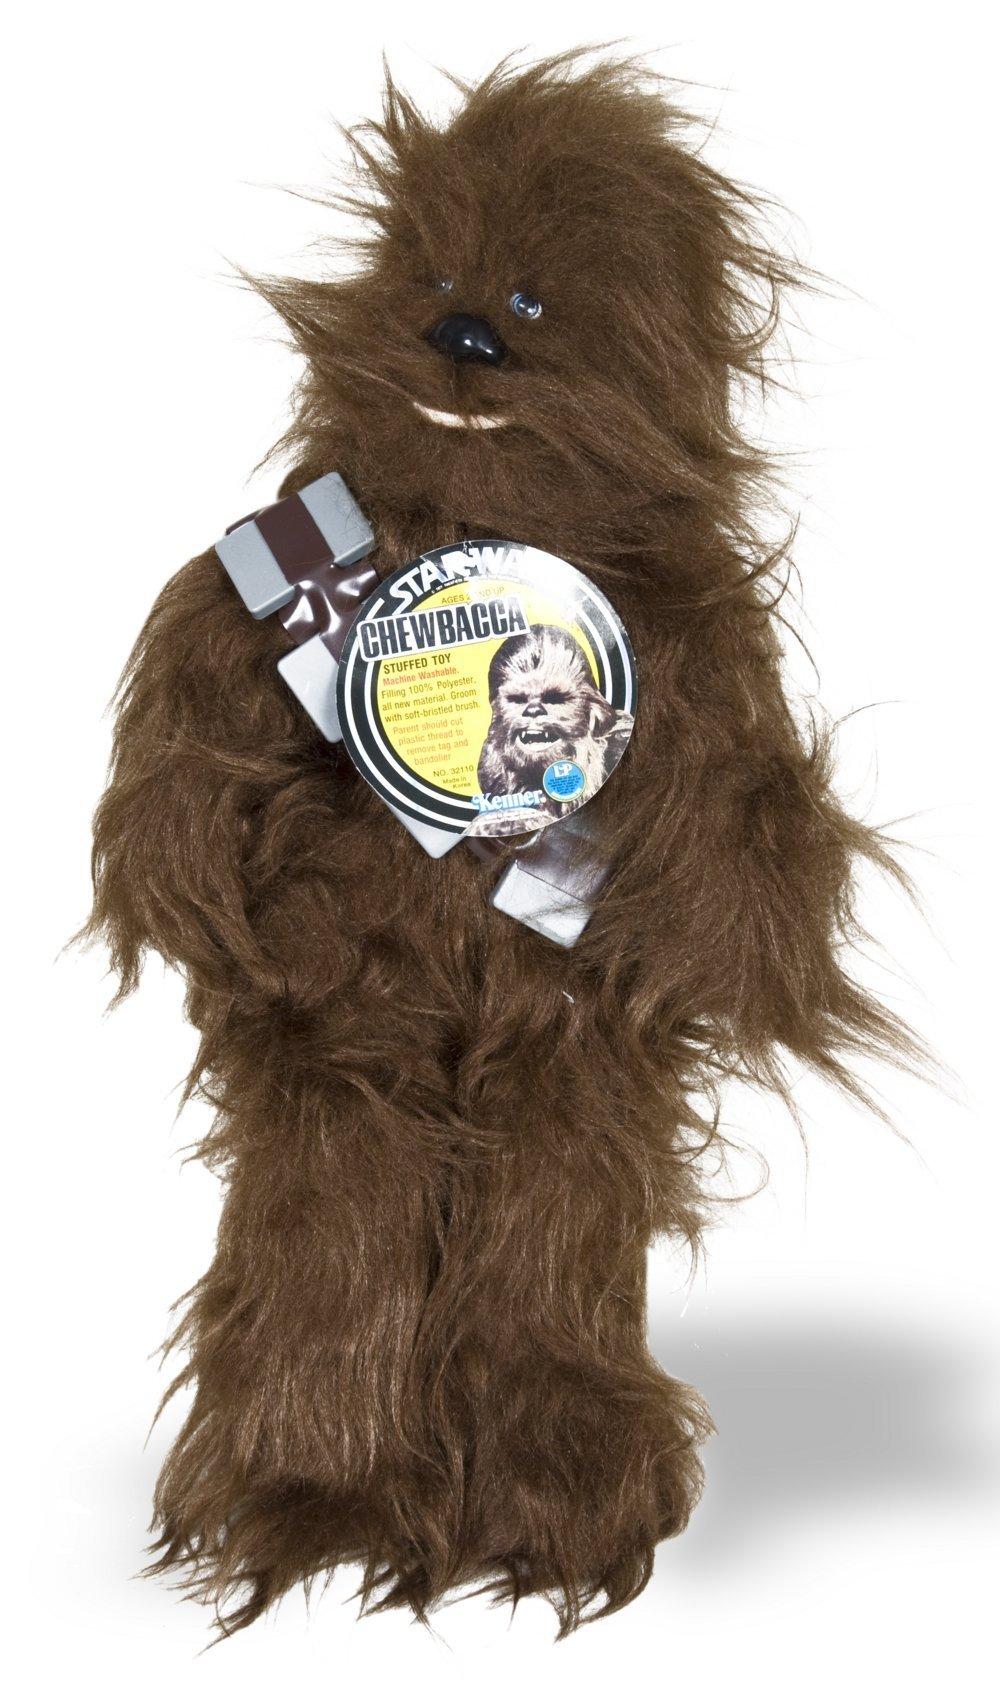 Star Wars stuffed toy